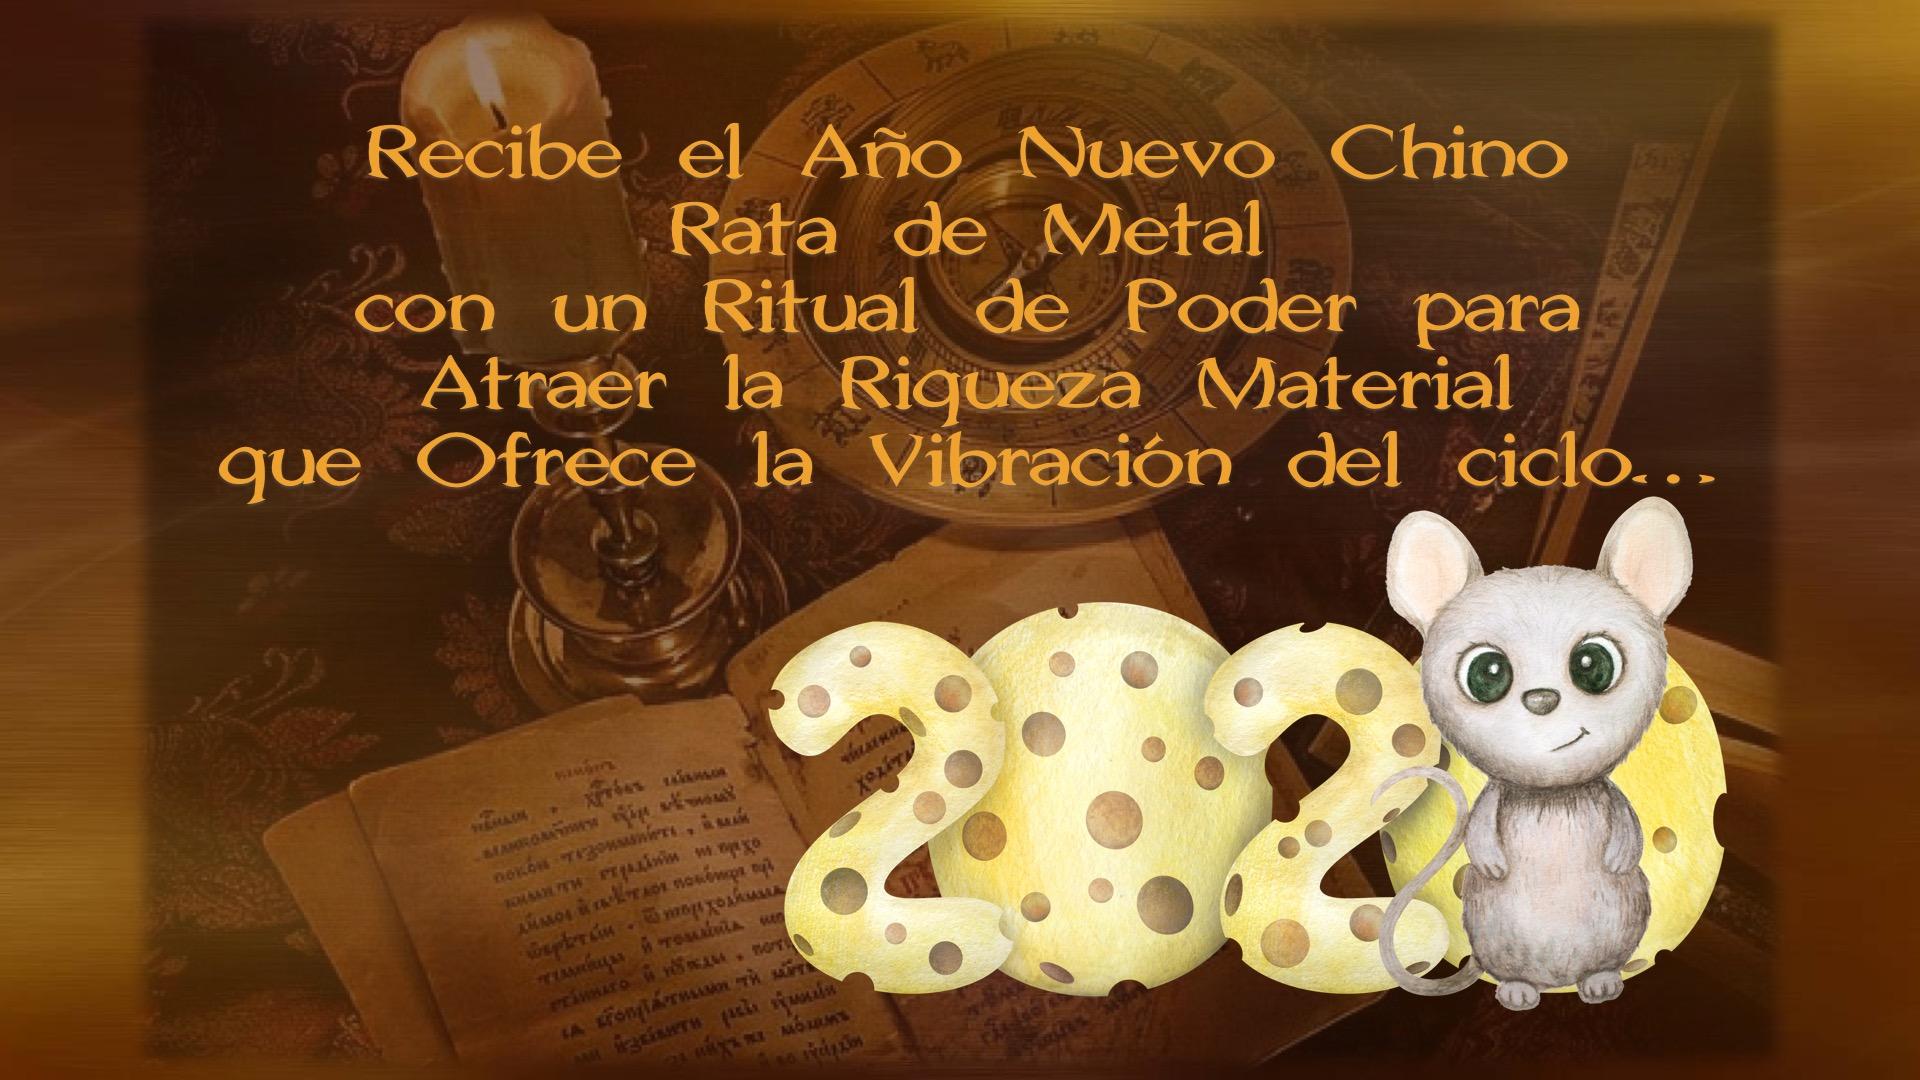 Ritual de Poder Año Chino 2020 Rata de Metal